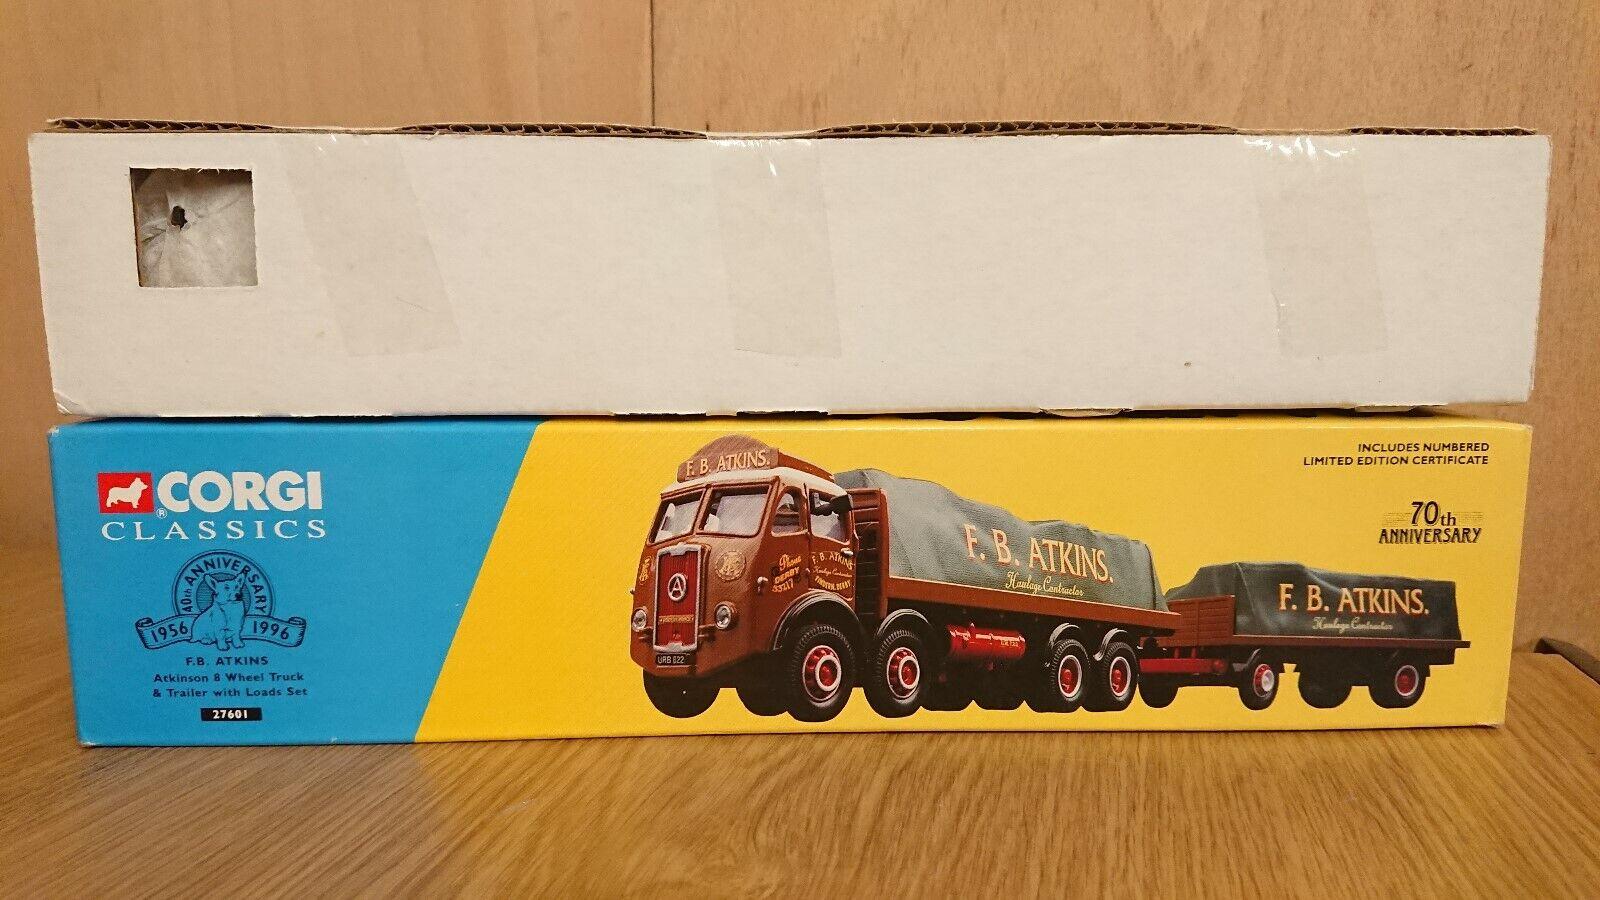 El nuevo outlet de marcas online. Corgi 27601 Camión de 8 ruedas Atkinson & Remolque Remolque Remolque  Atkins Ltd Edition  mejor calidad